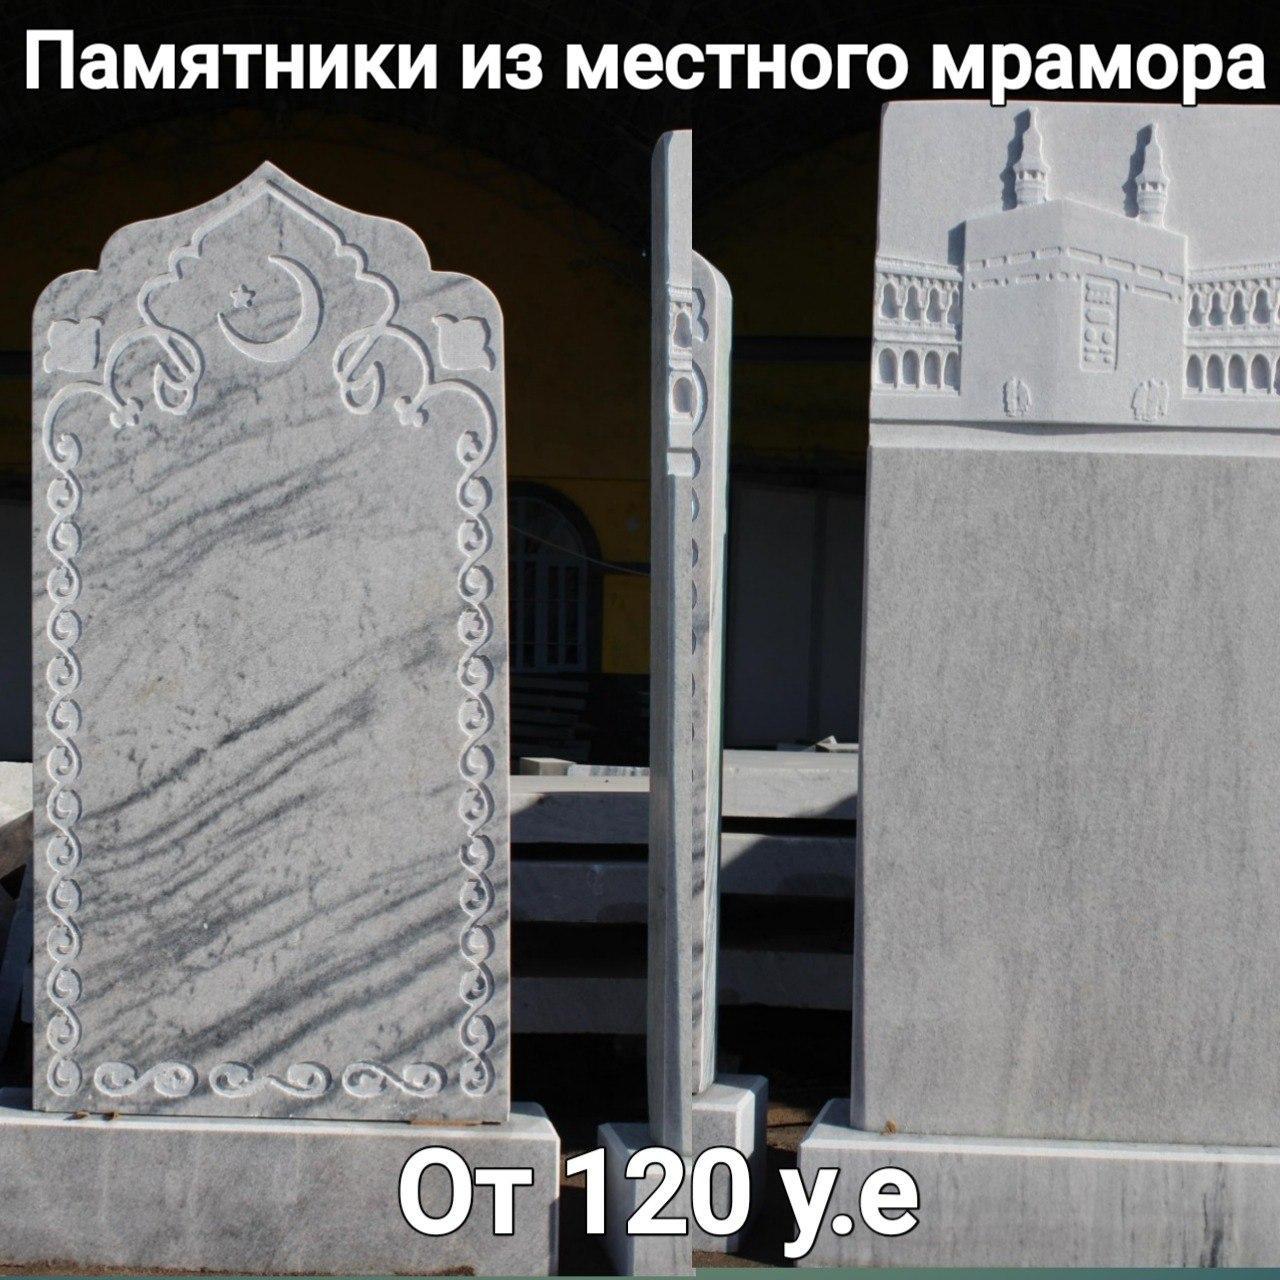 photo_2020-03-25_21-21-45